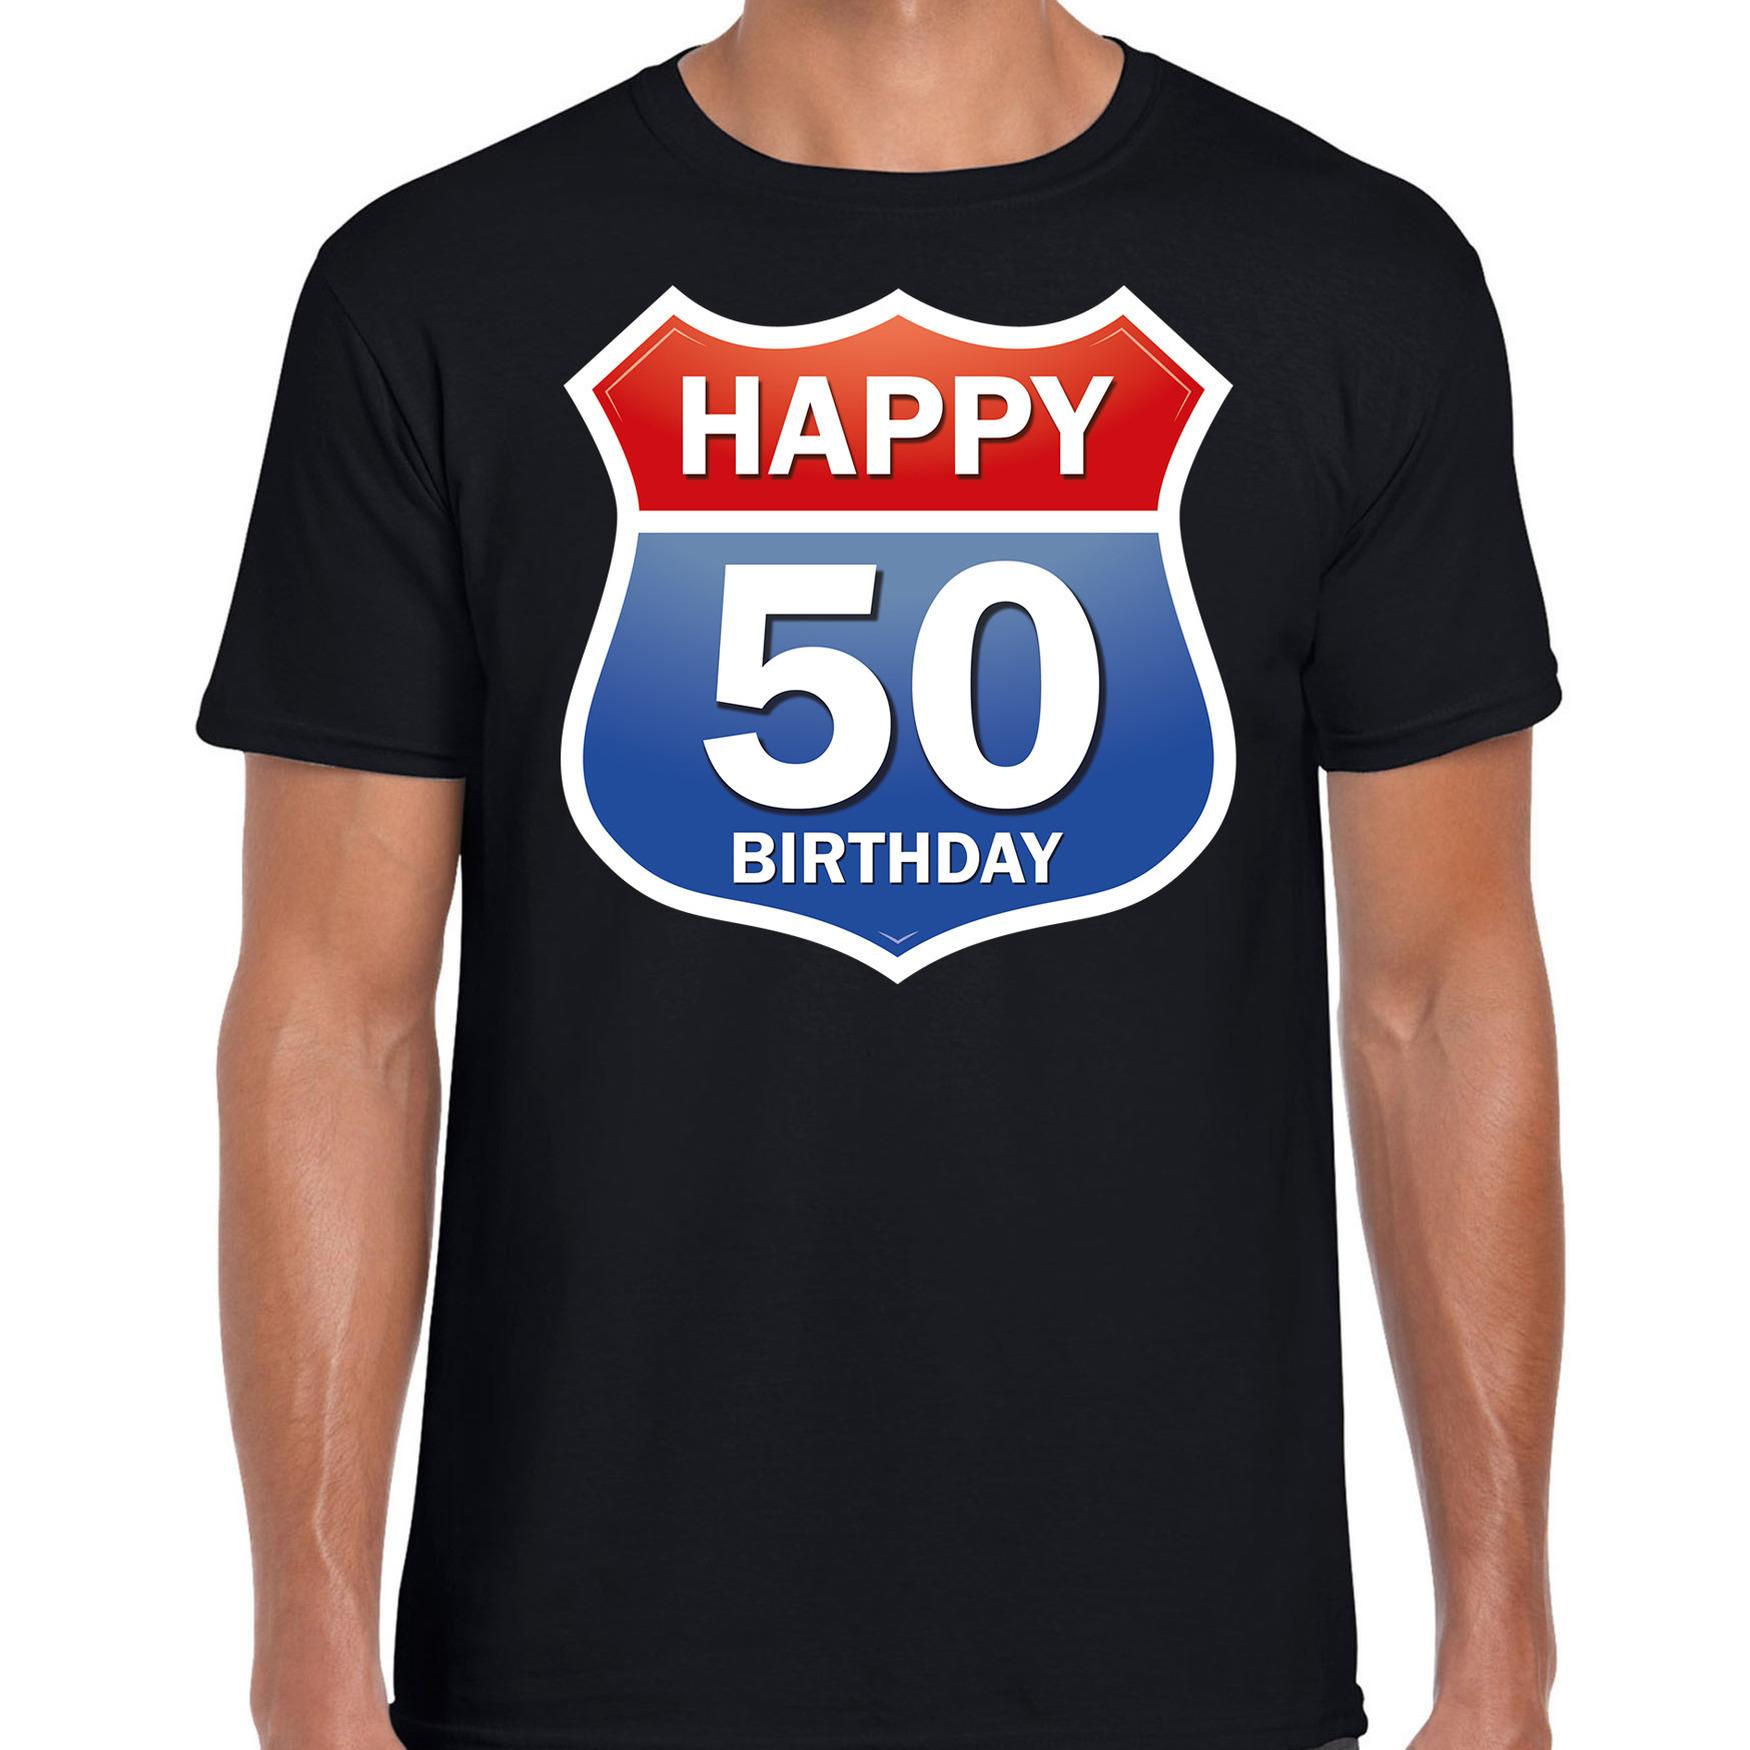 50e verjaardag Happy Birthday shirt / kleding route bord 50 jaar / Abraham zwart